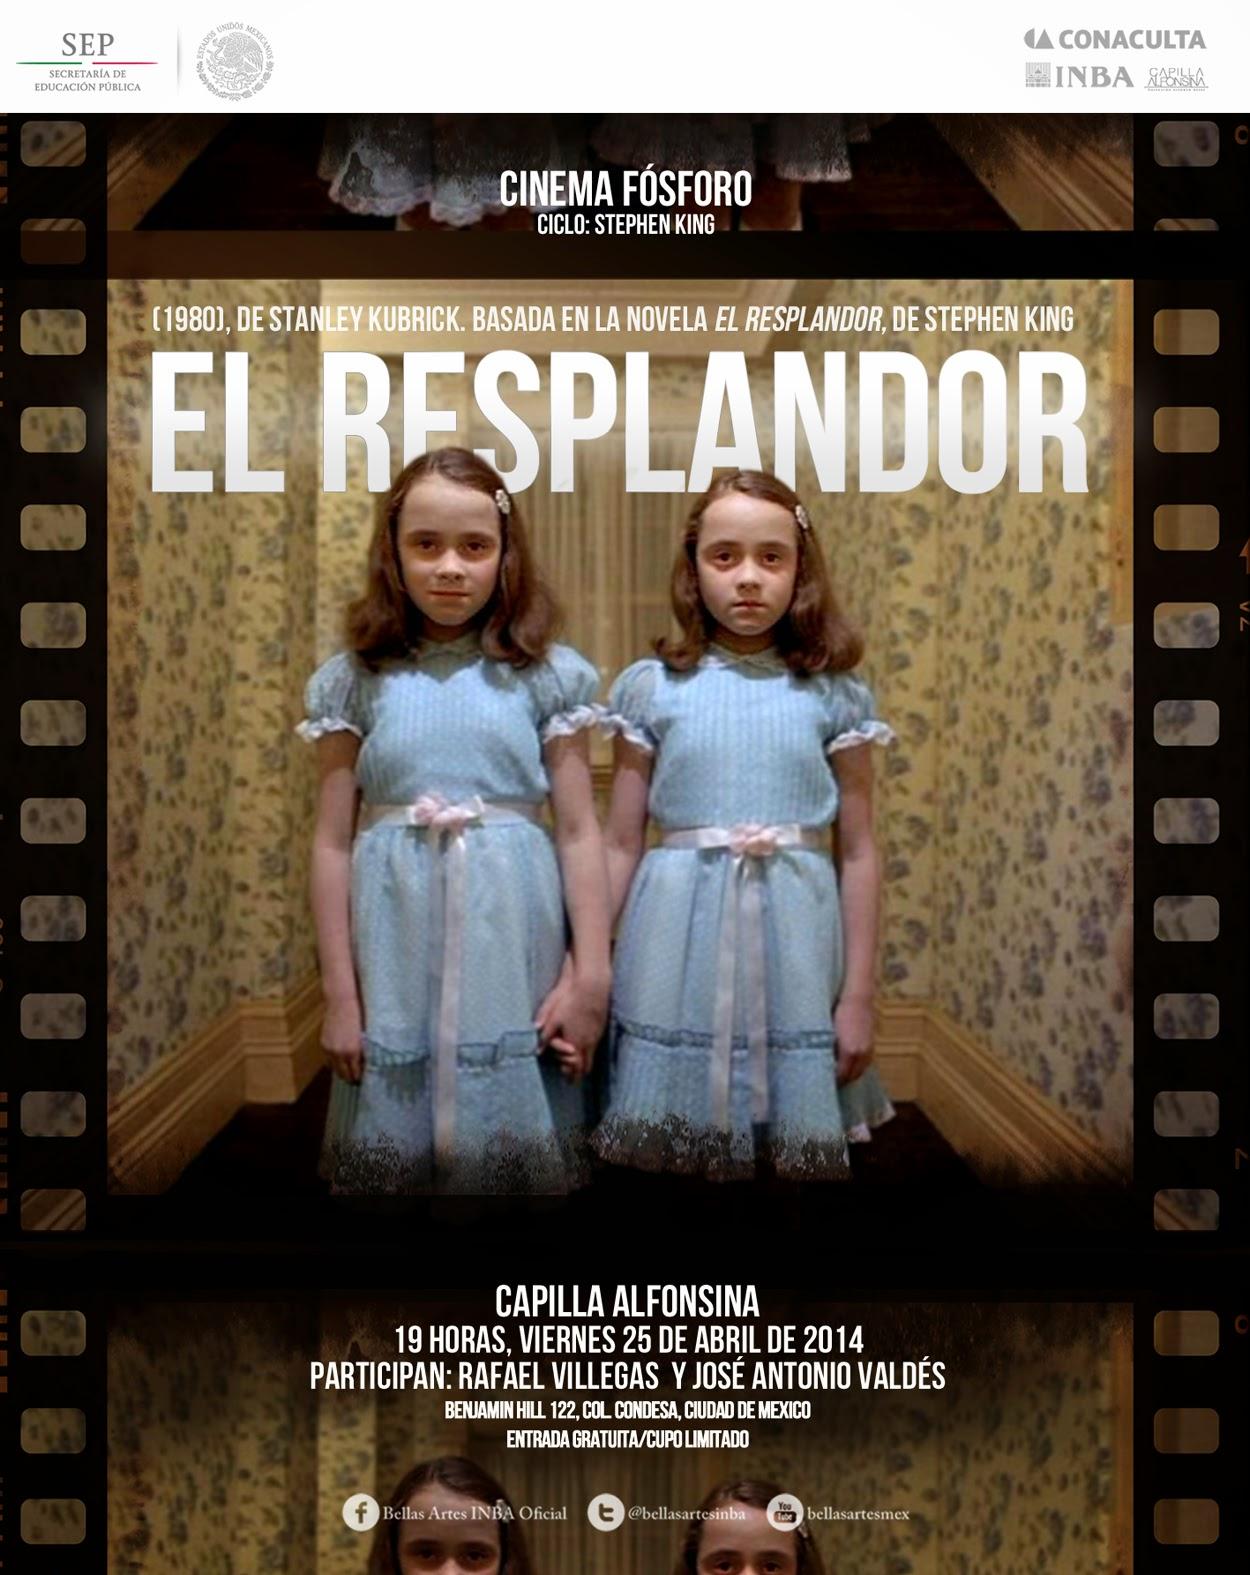 """El ciclo Cinema Fósforo presenta """"El resplandor"""" de Kubrick"""